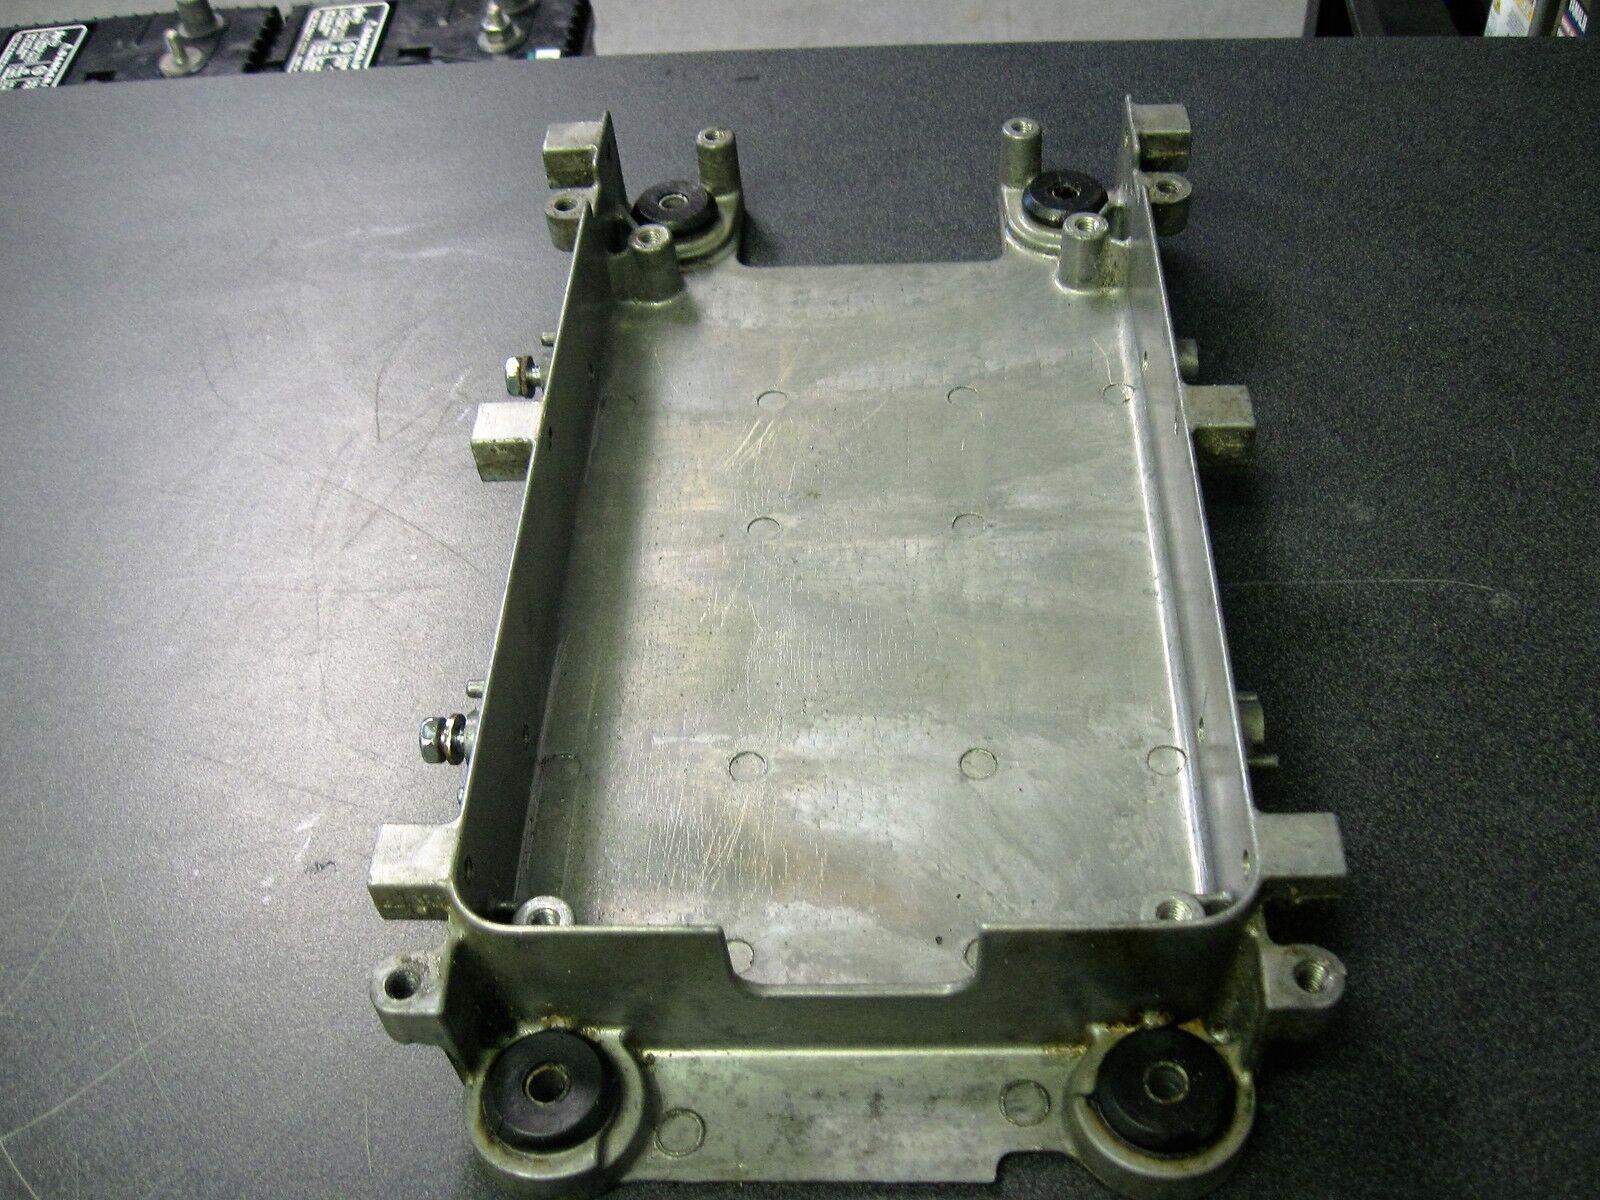 Yamaha Außenborder SX225 SX225 SX225 Gestell Assy 61A-85542-01-94 7225f9